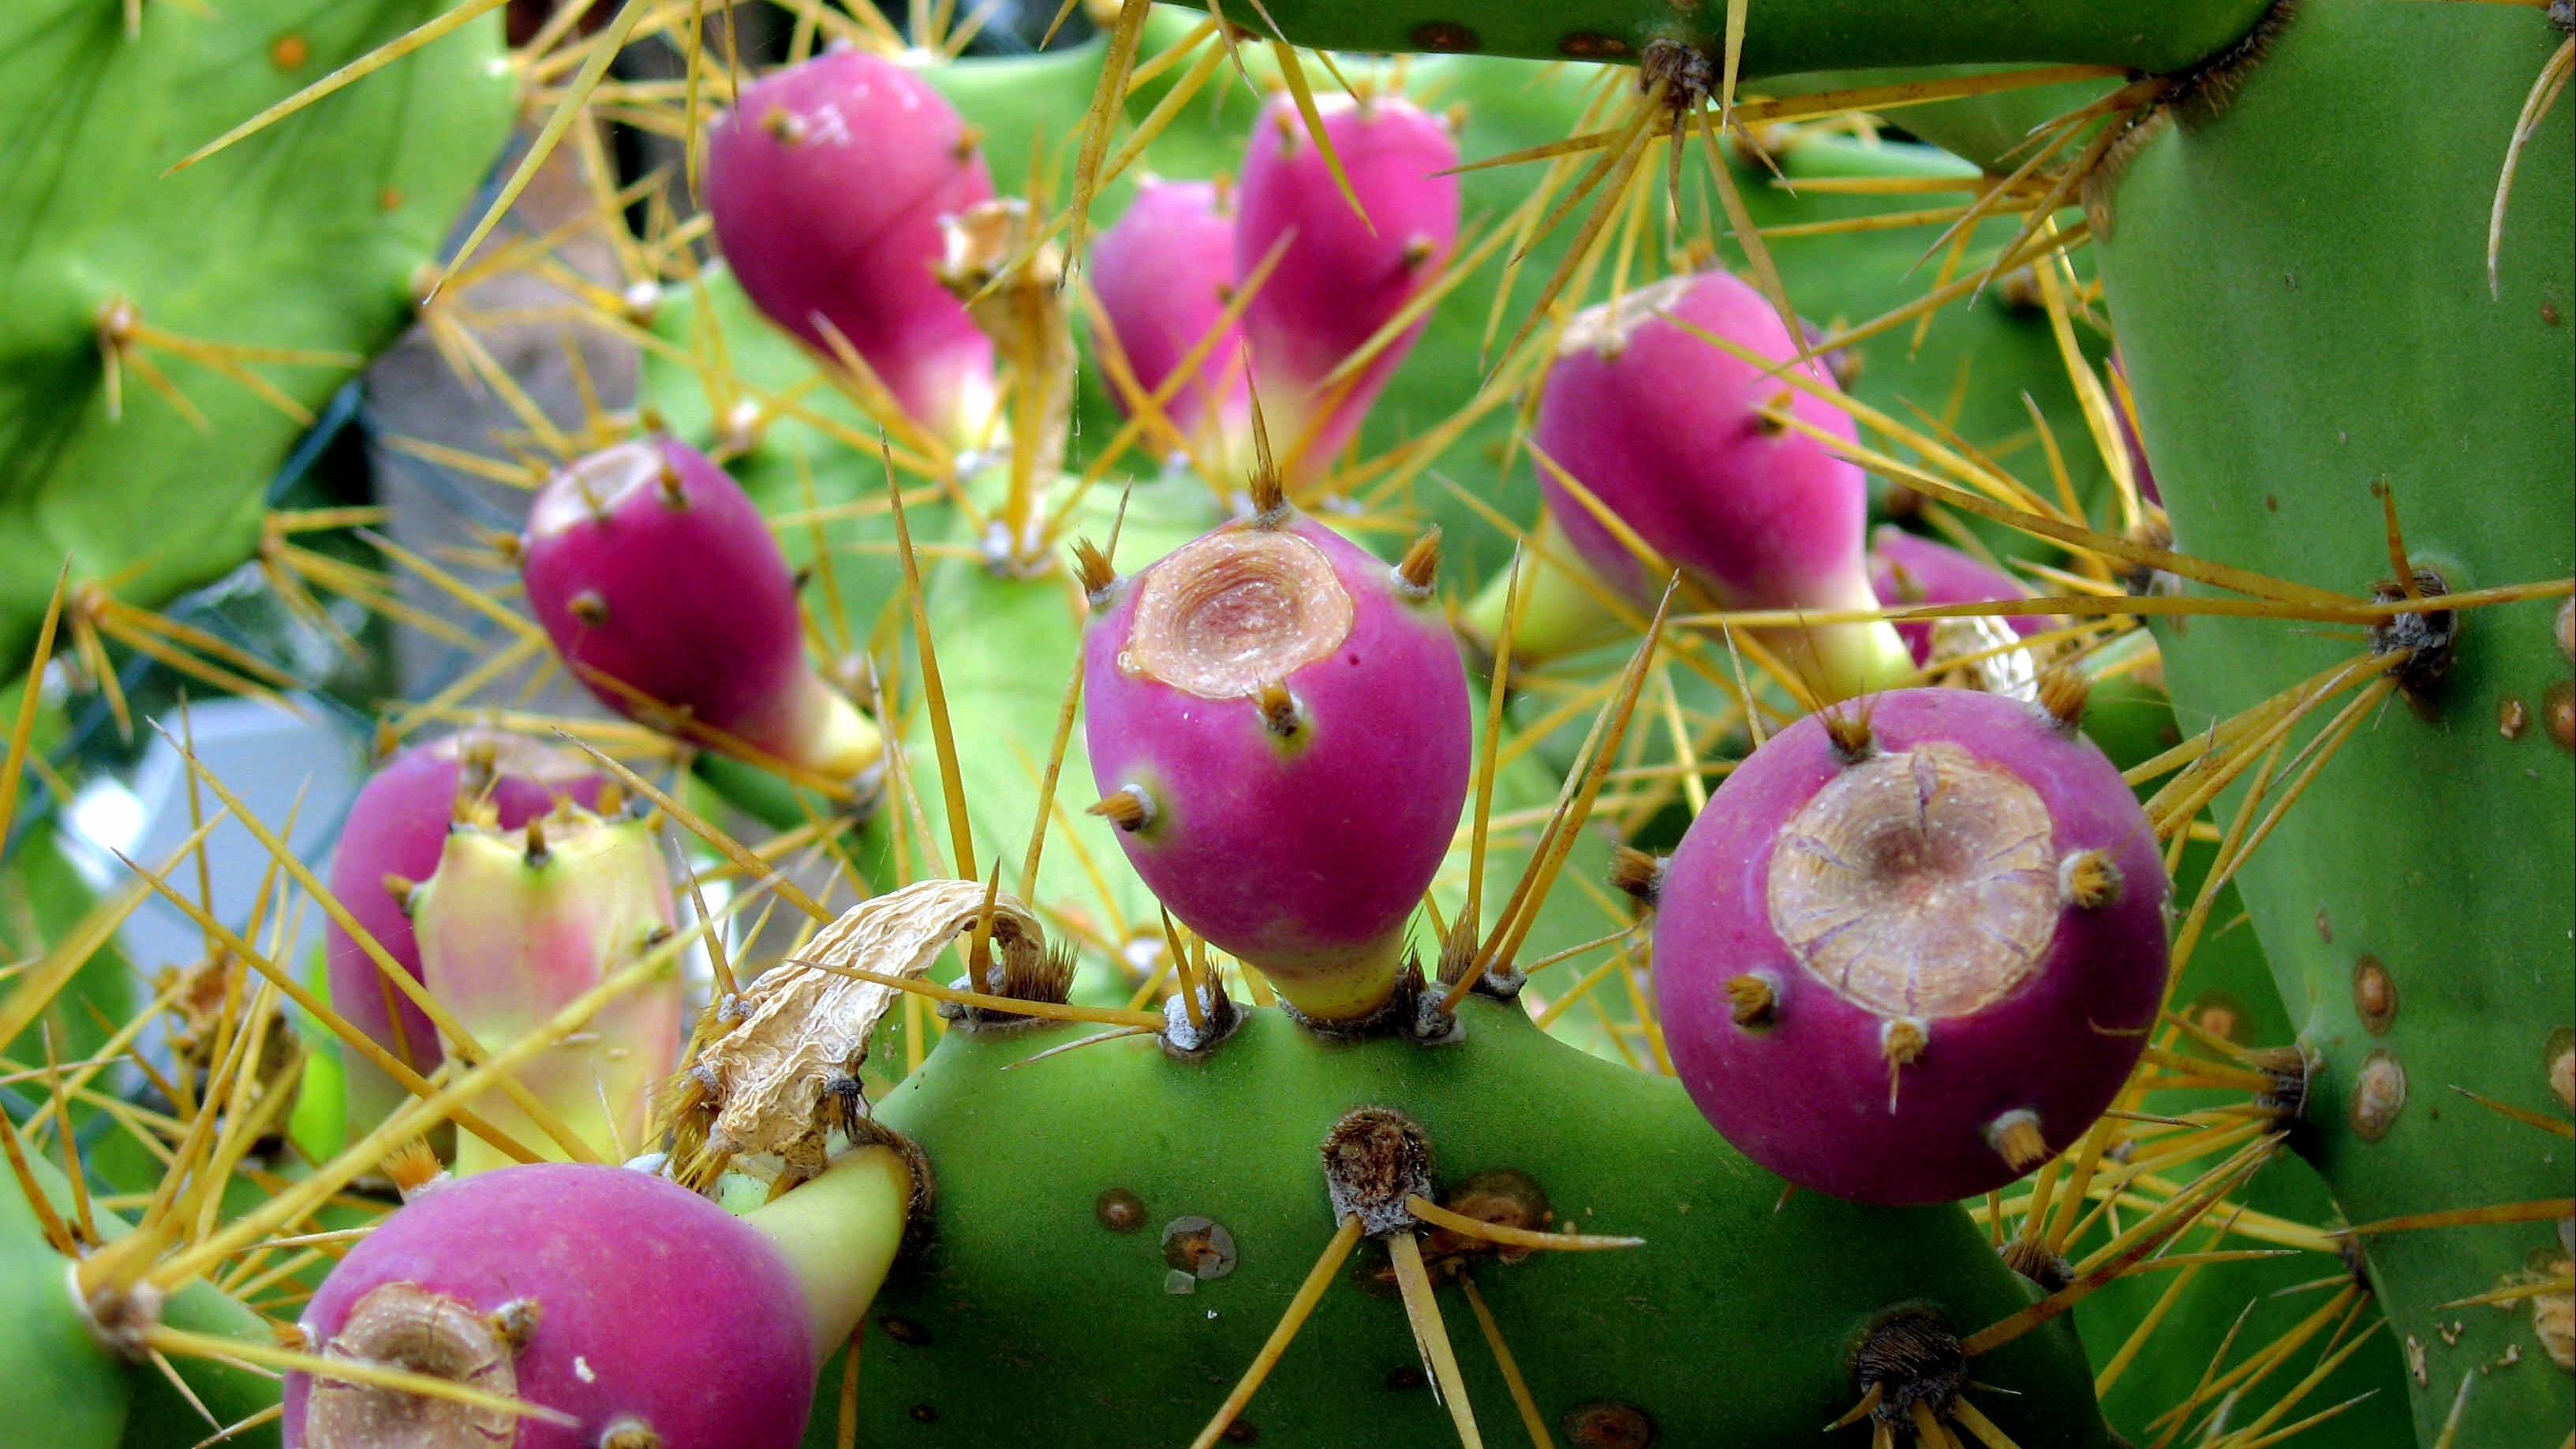 Kaktusfeigen zubereiten: Darauf müssen Sie achten